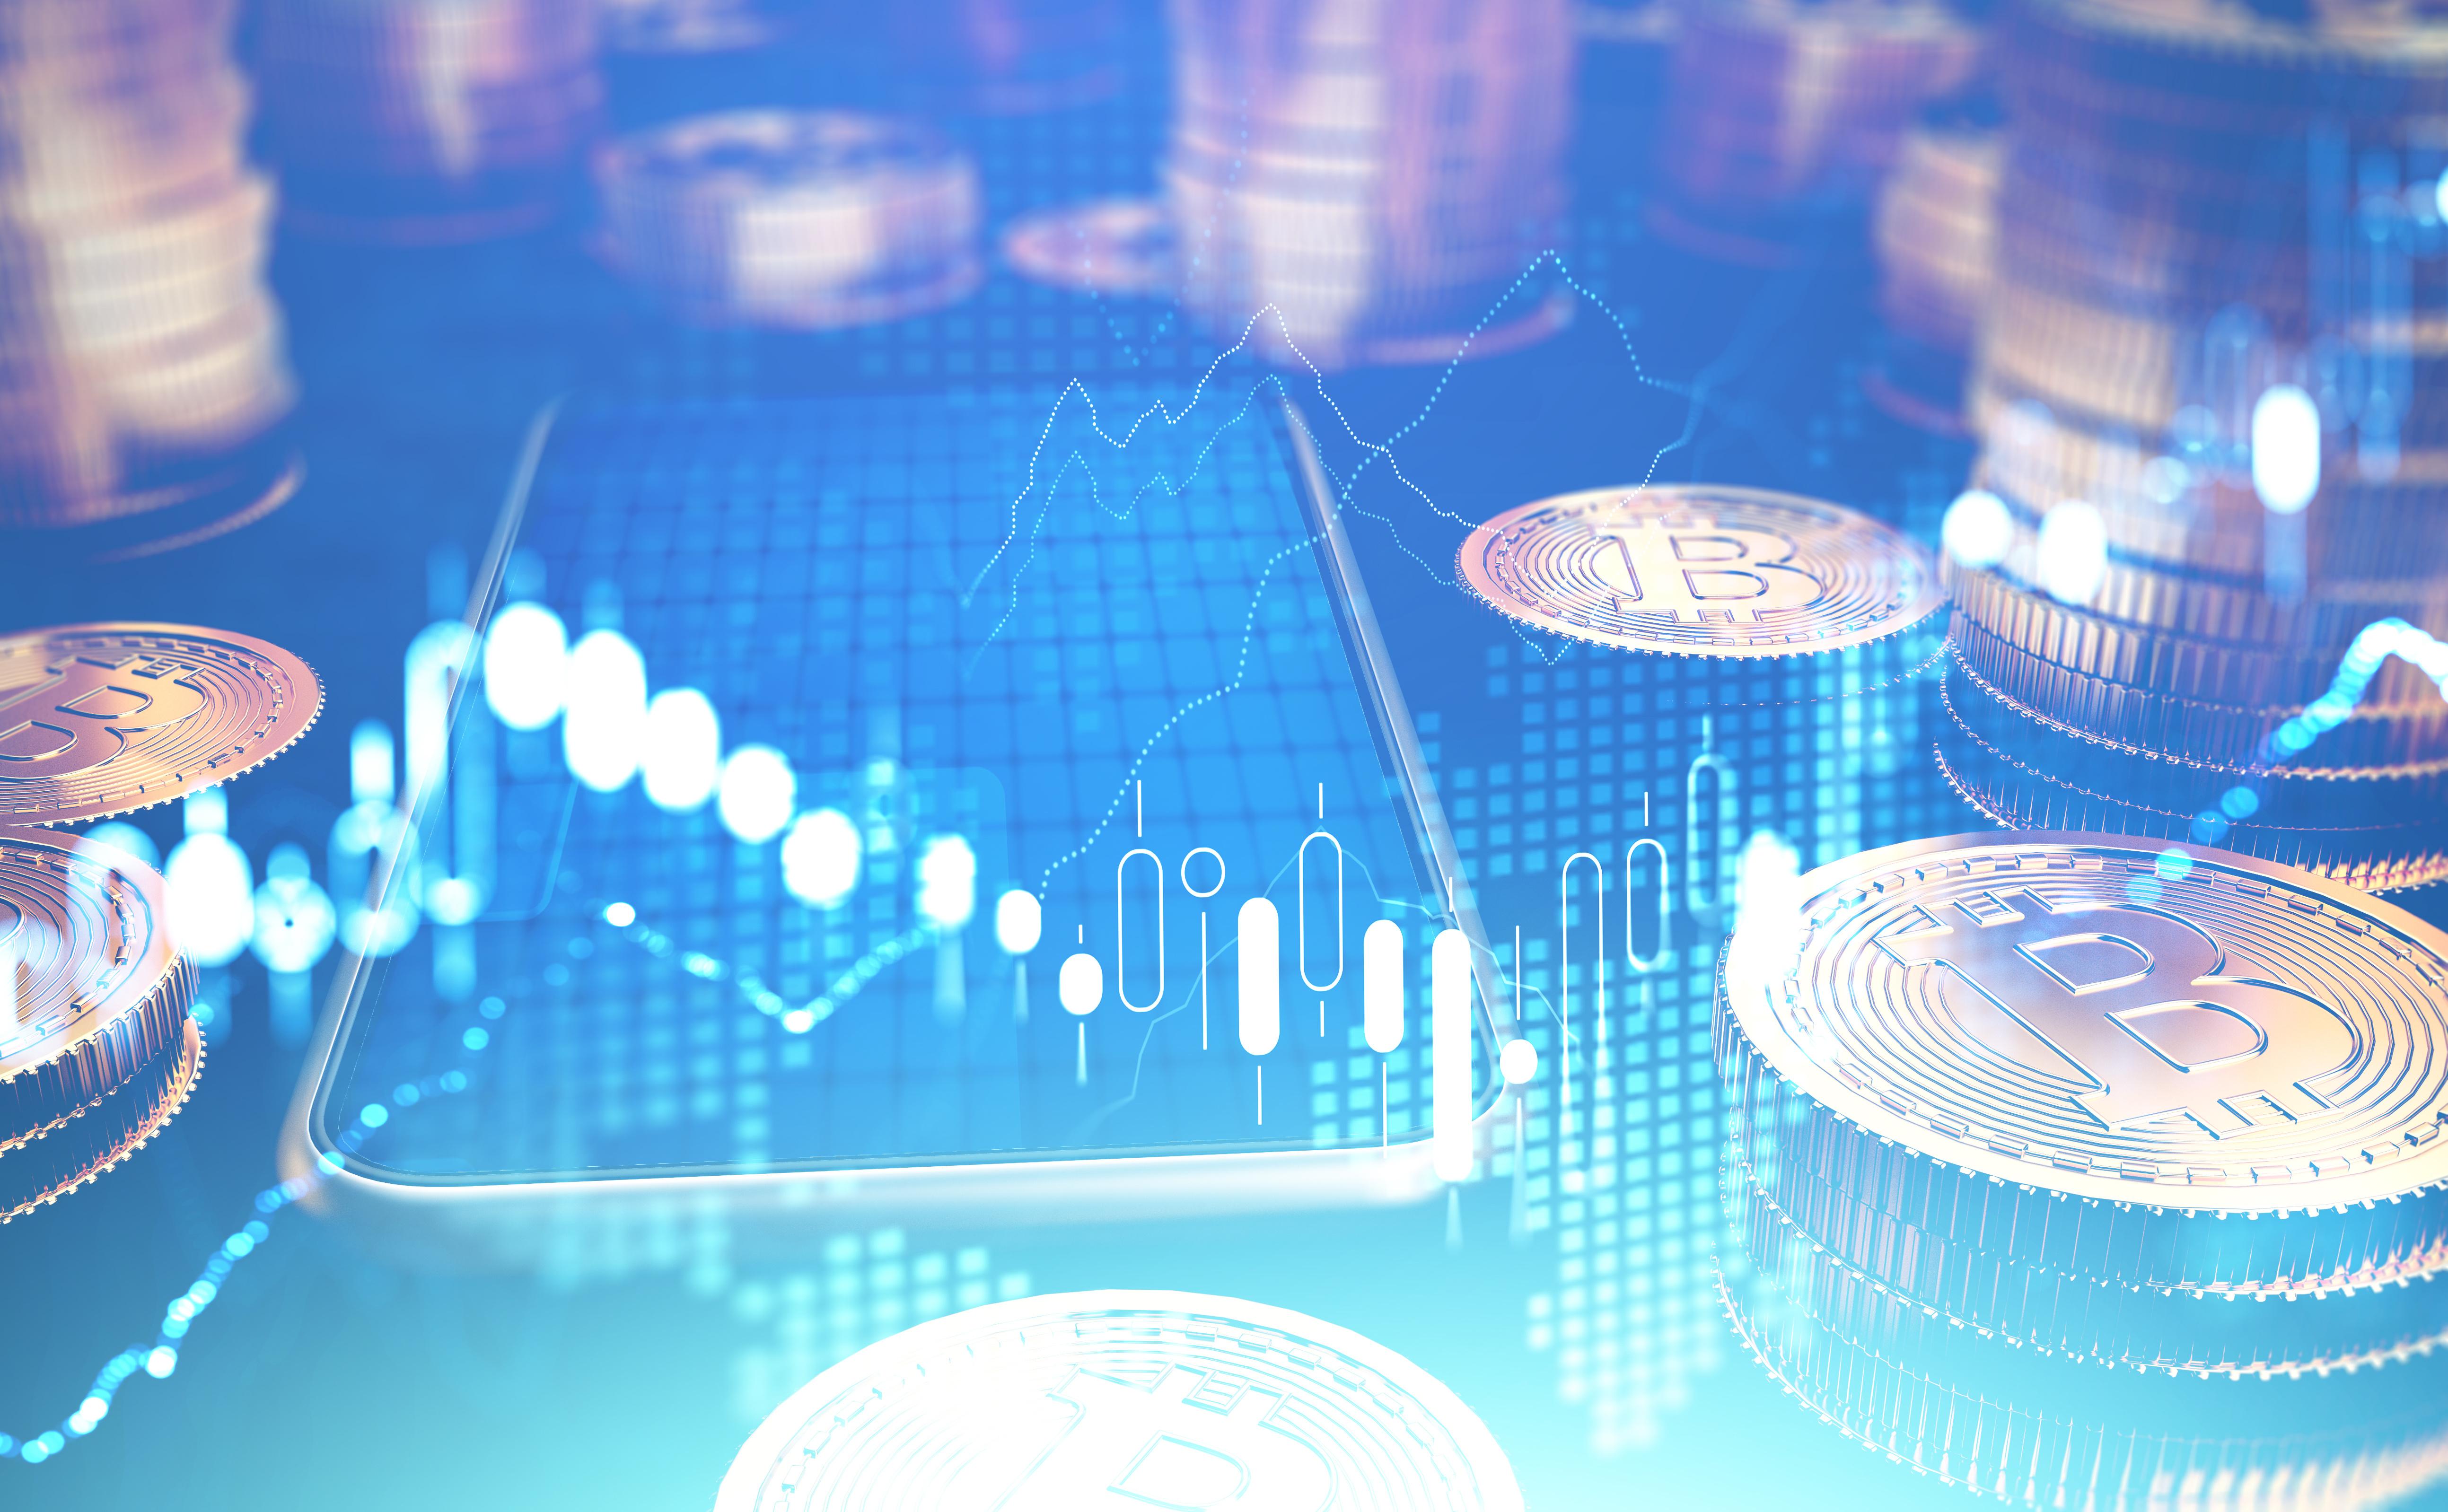 仮想通貨の上場とは?価格上昇を見分けるポイントと3つのリスク